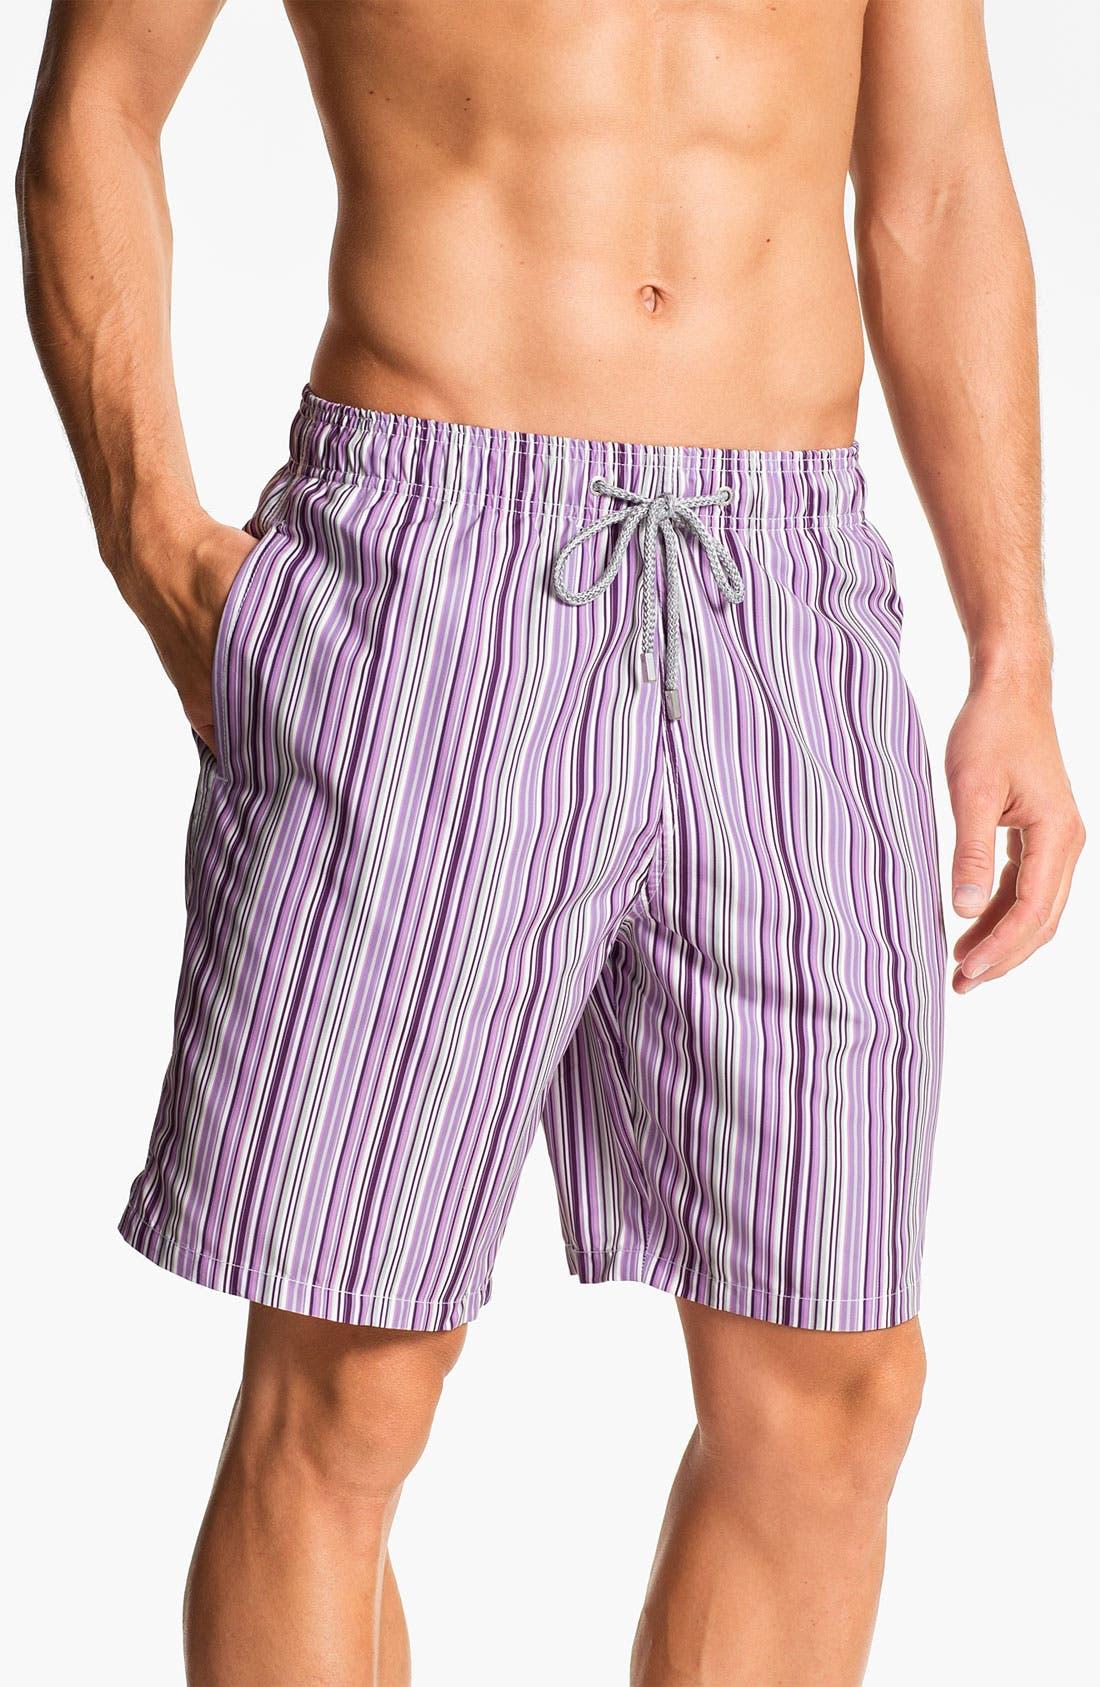 Alternate Image 1 Selected - Bugatchi Uomo Stripe Board Shorts